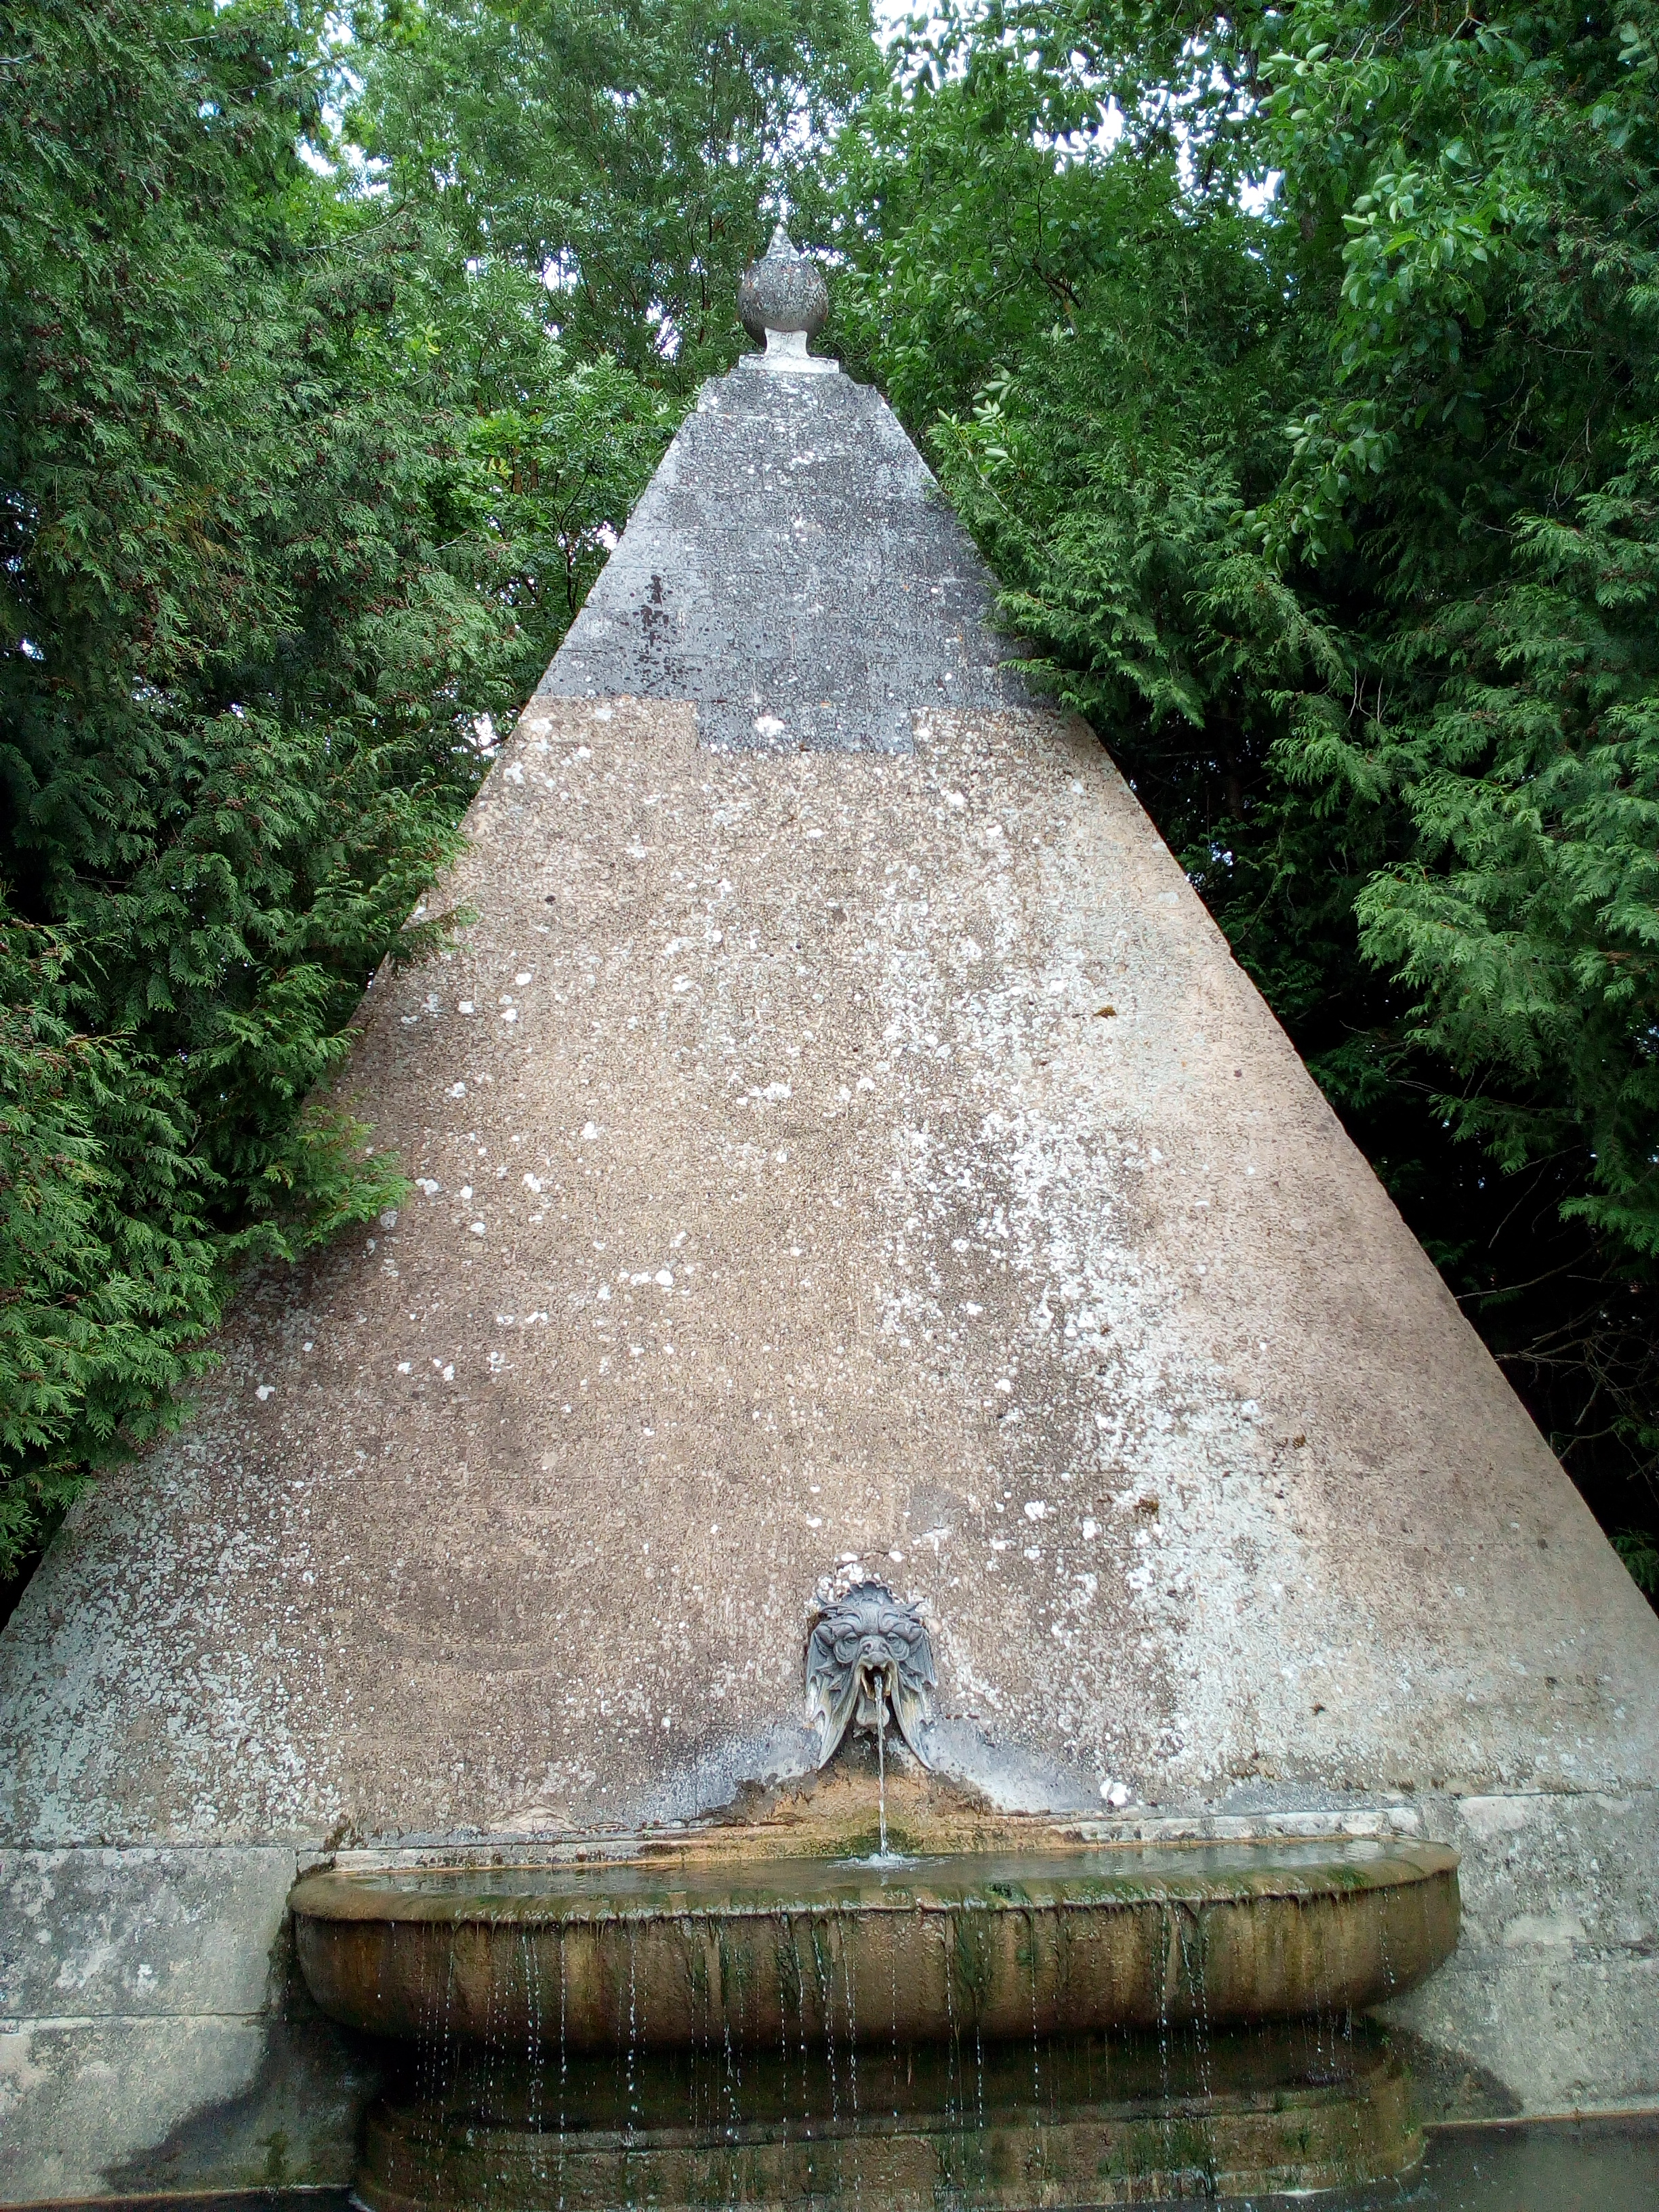 Château d'Ancy-le-Franc Fontaine de la Pyramide